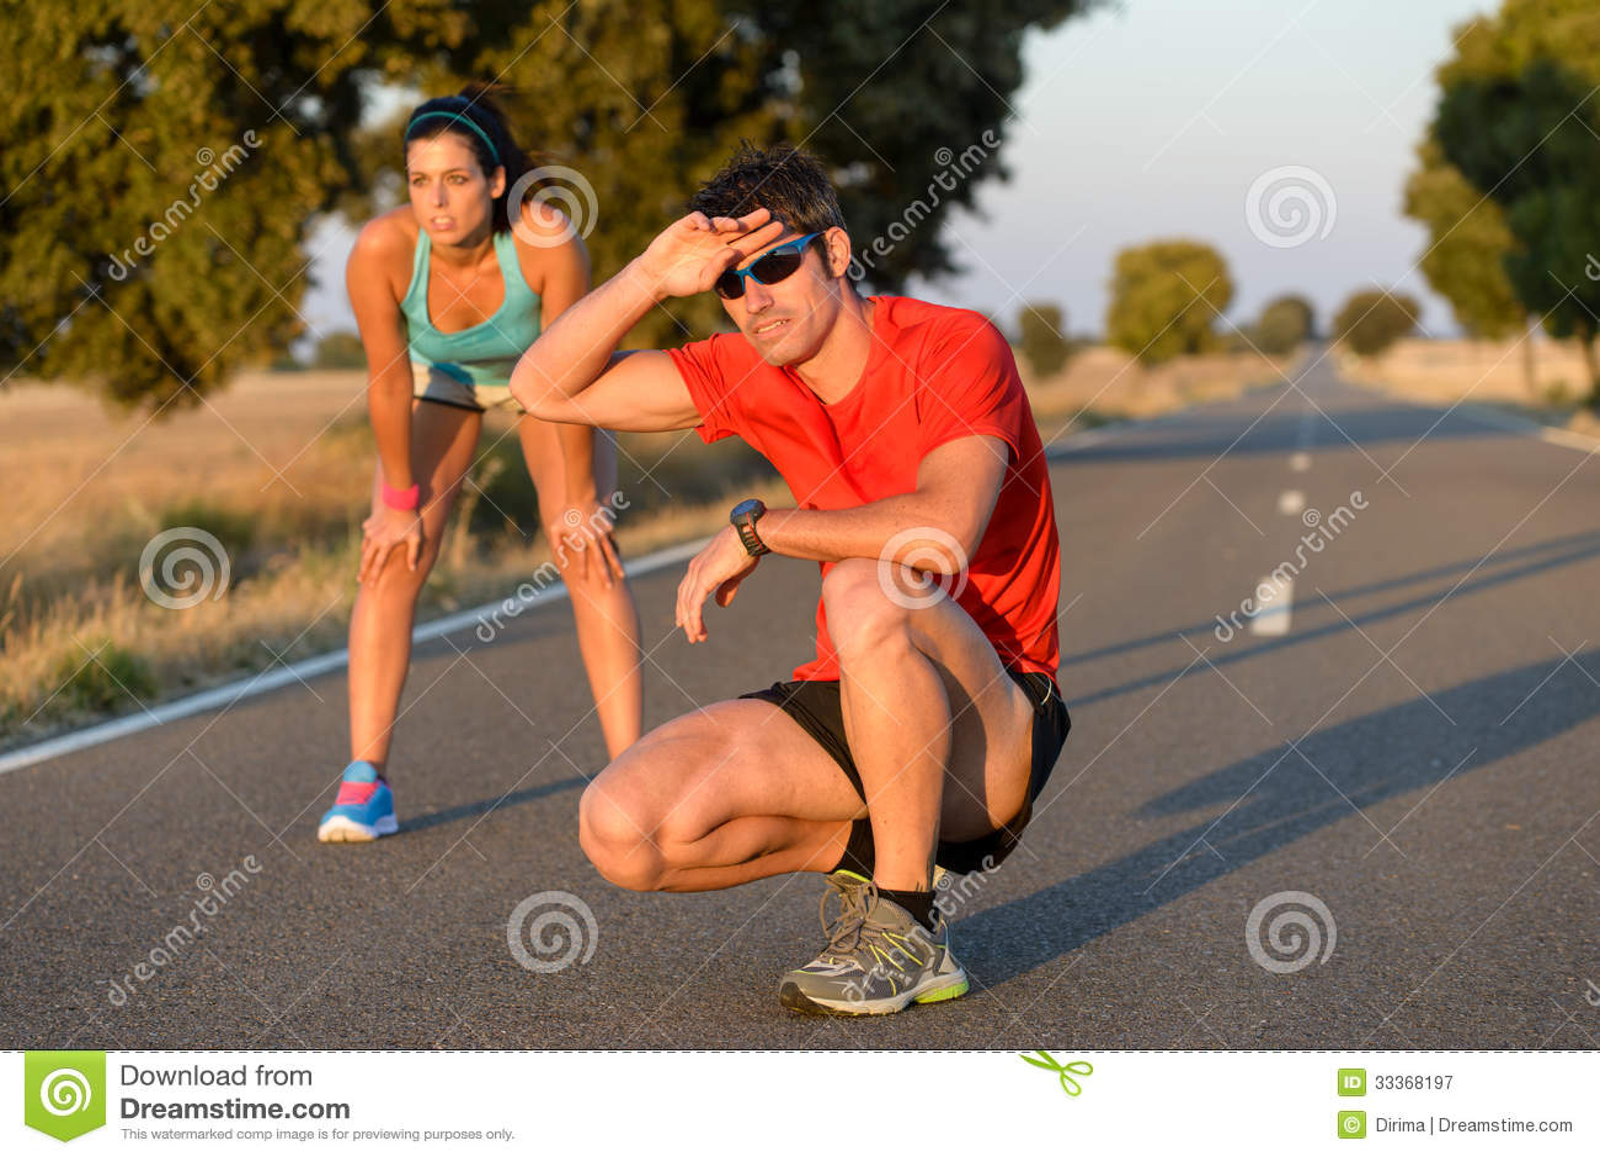 Müde Athleten nachdem dem Laufen in Straße